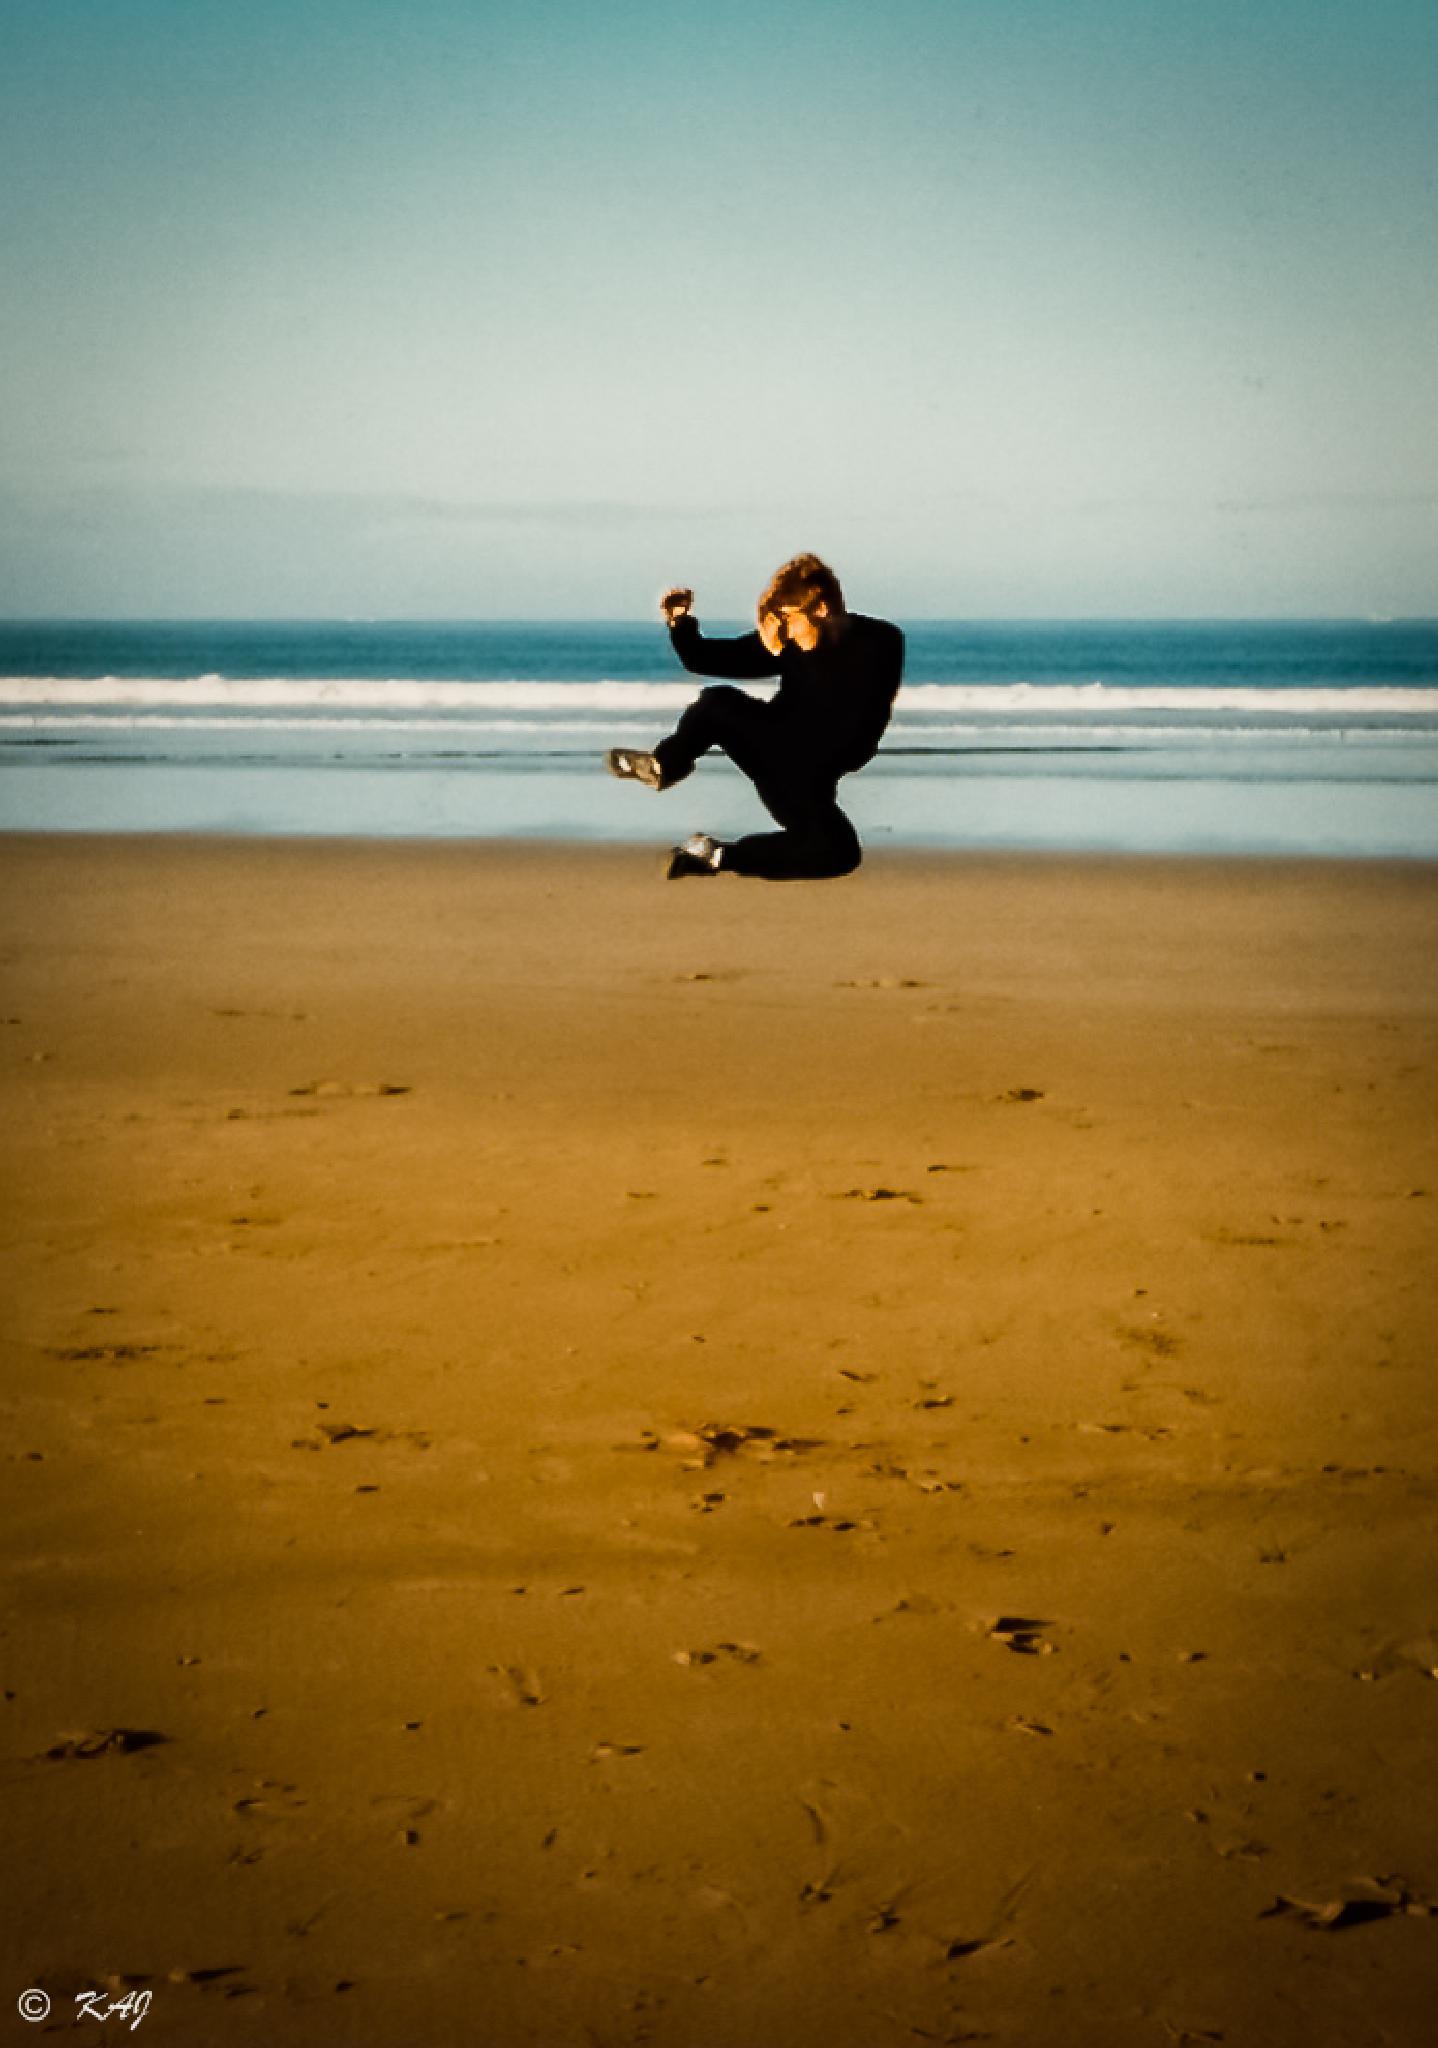 Tae Kwon Do on the beach. by kaj.jorgensen.